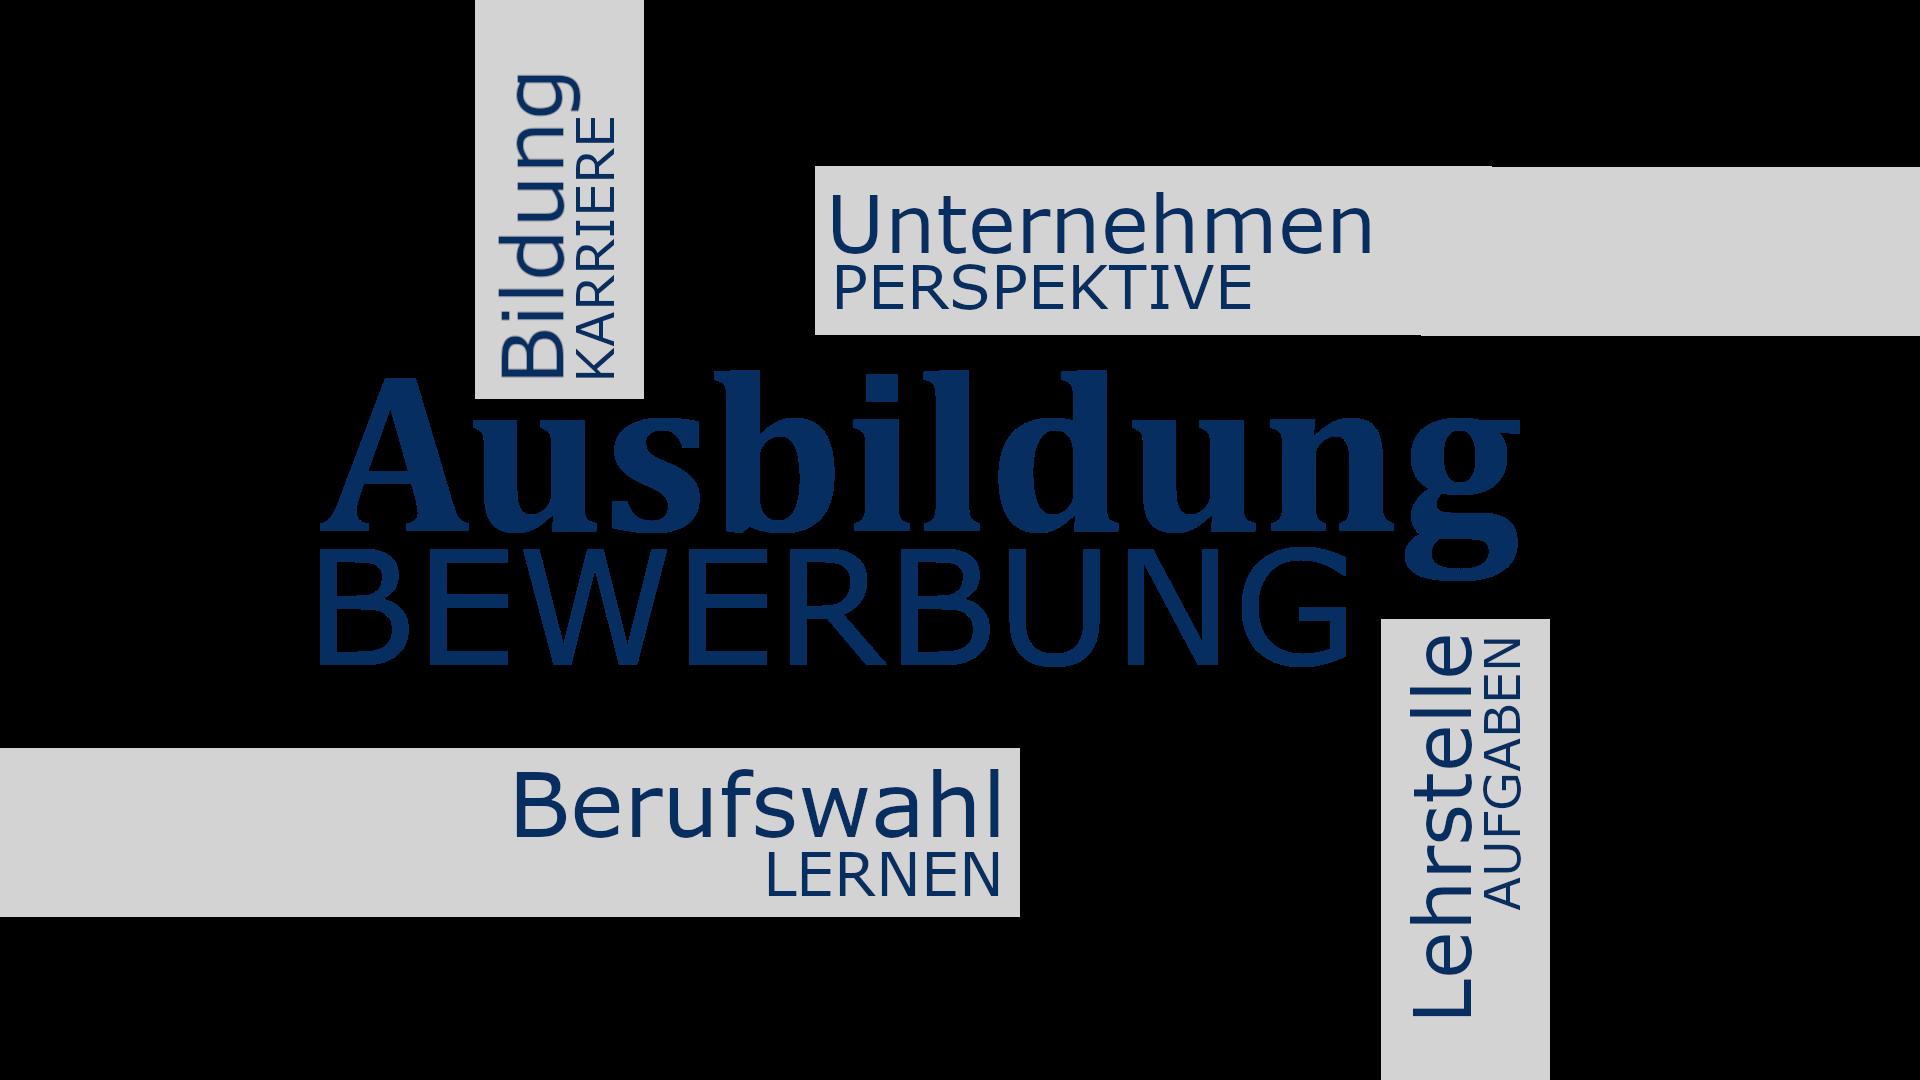 Weferlingen, Ausbildung 2021 Helmstedt